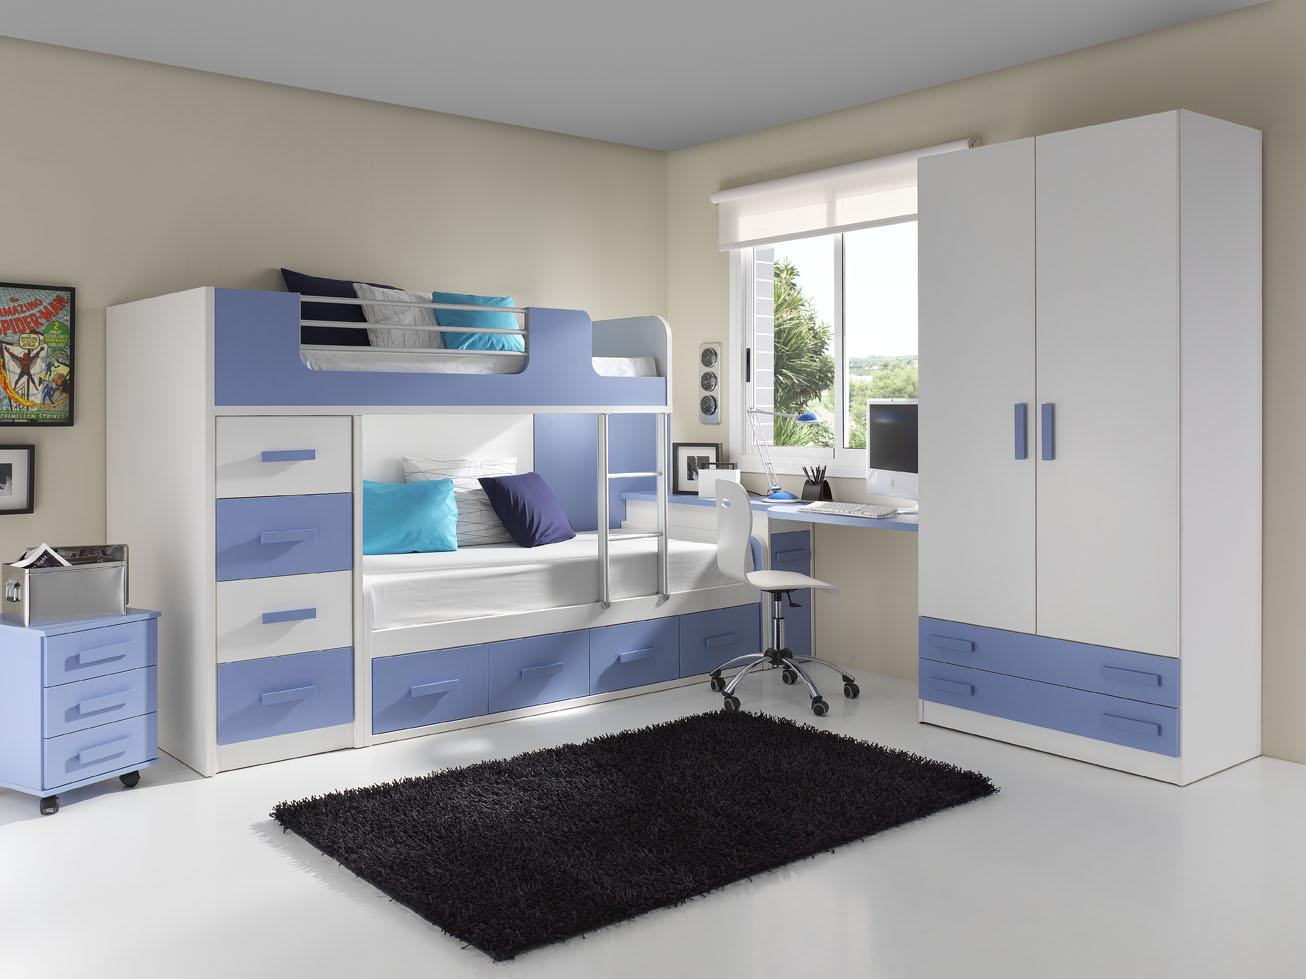 Habitaciones compartidas para ni os muebles orts blog - Habitacion para 2 ninos ...